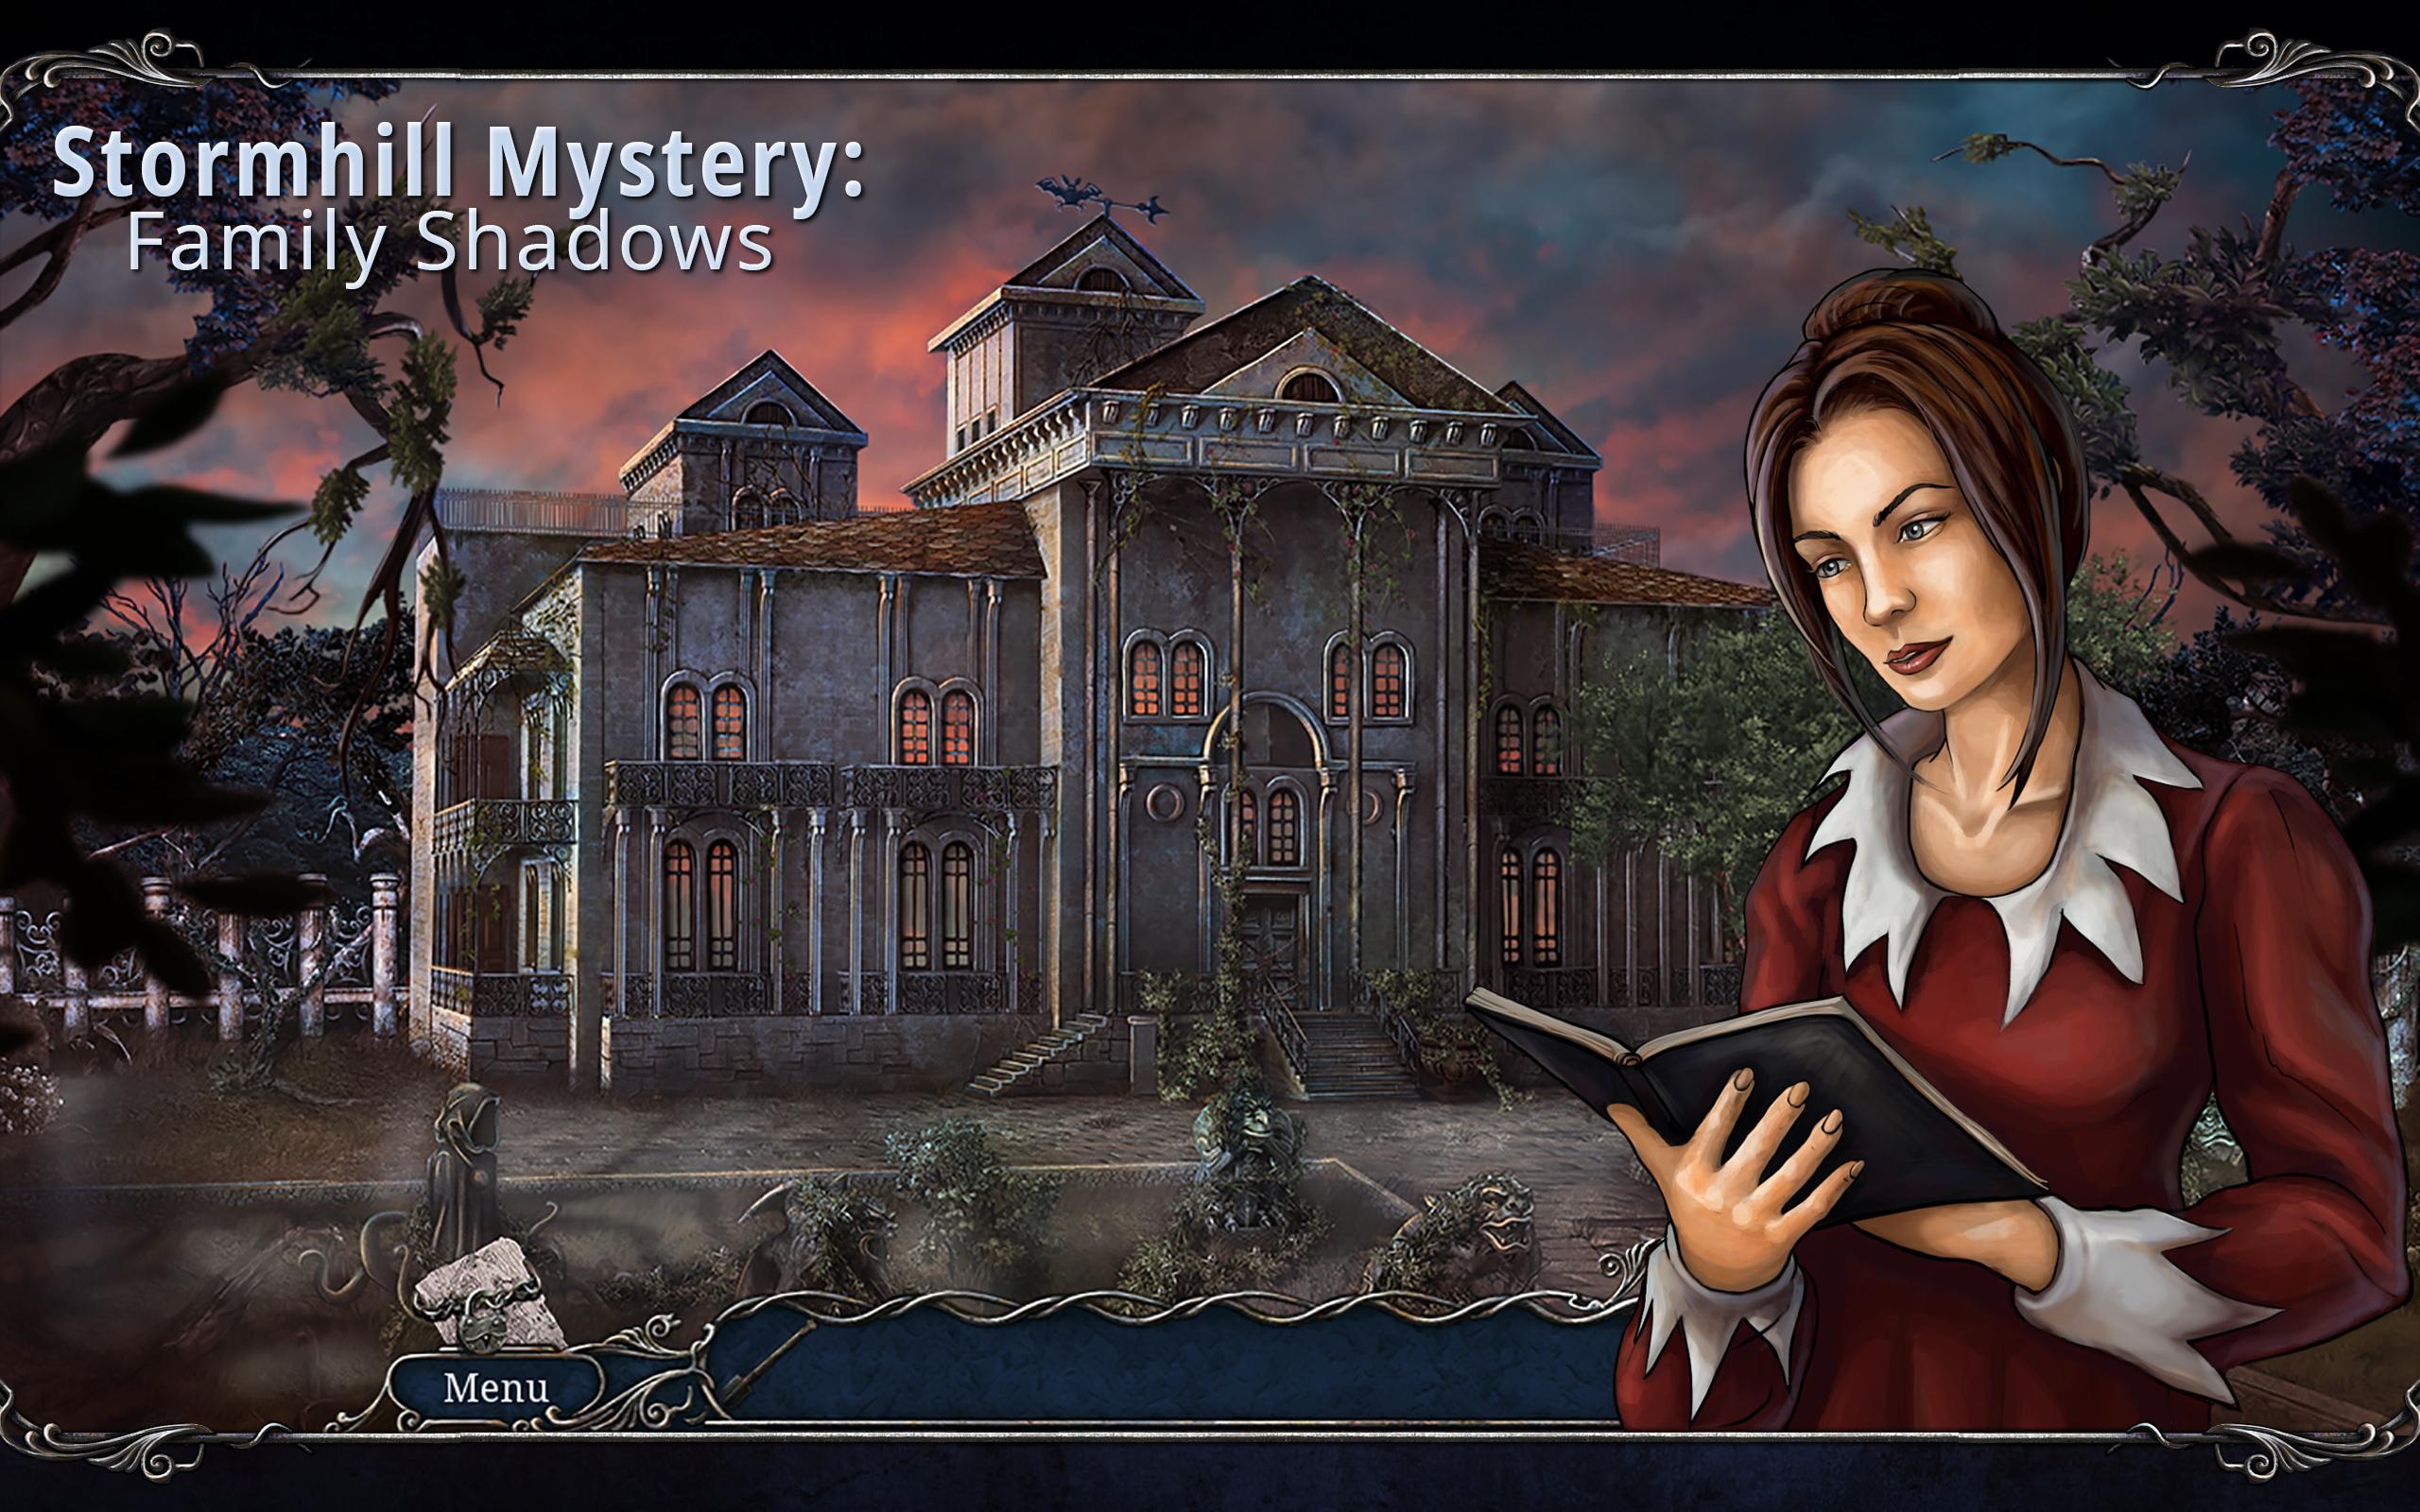 Stormhill Mystery: Family Shadows 1.1 Screenshot 8